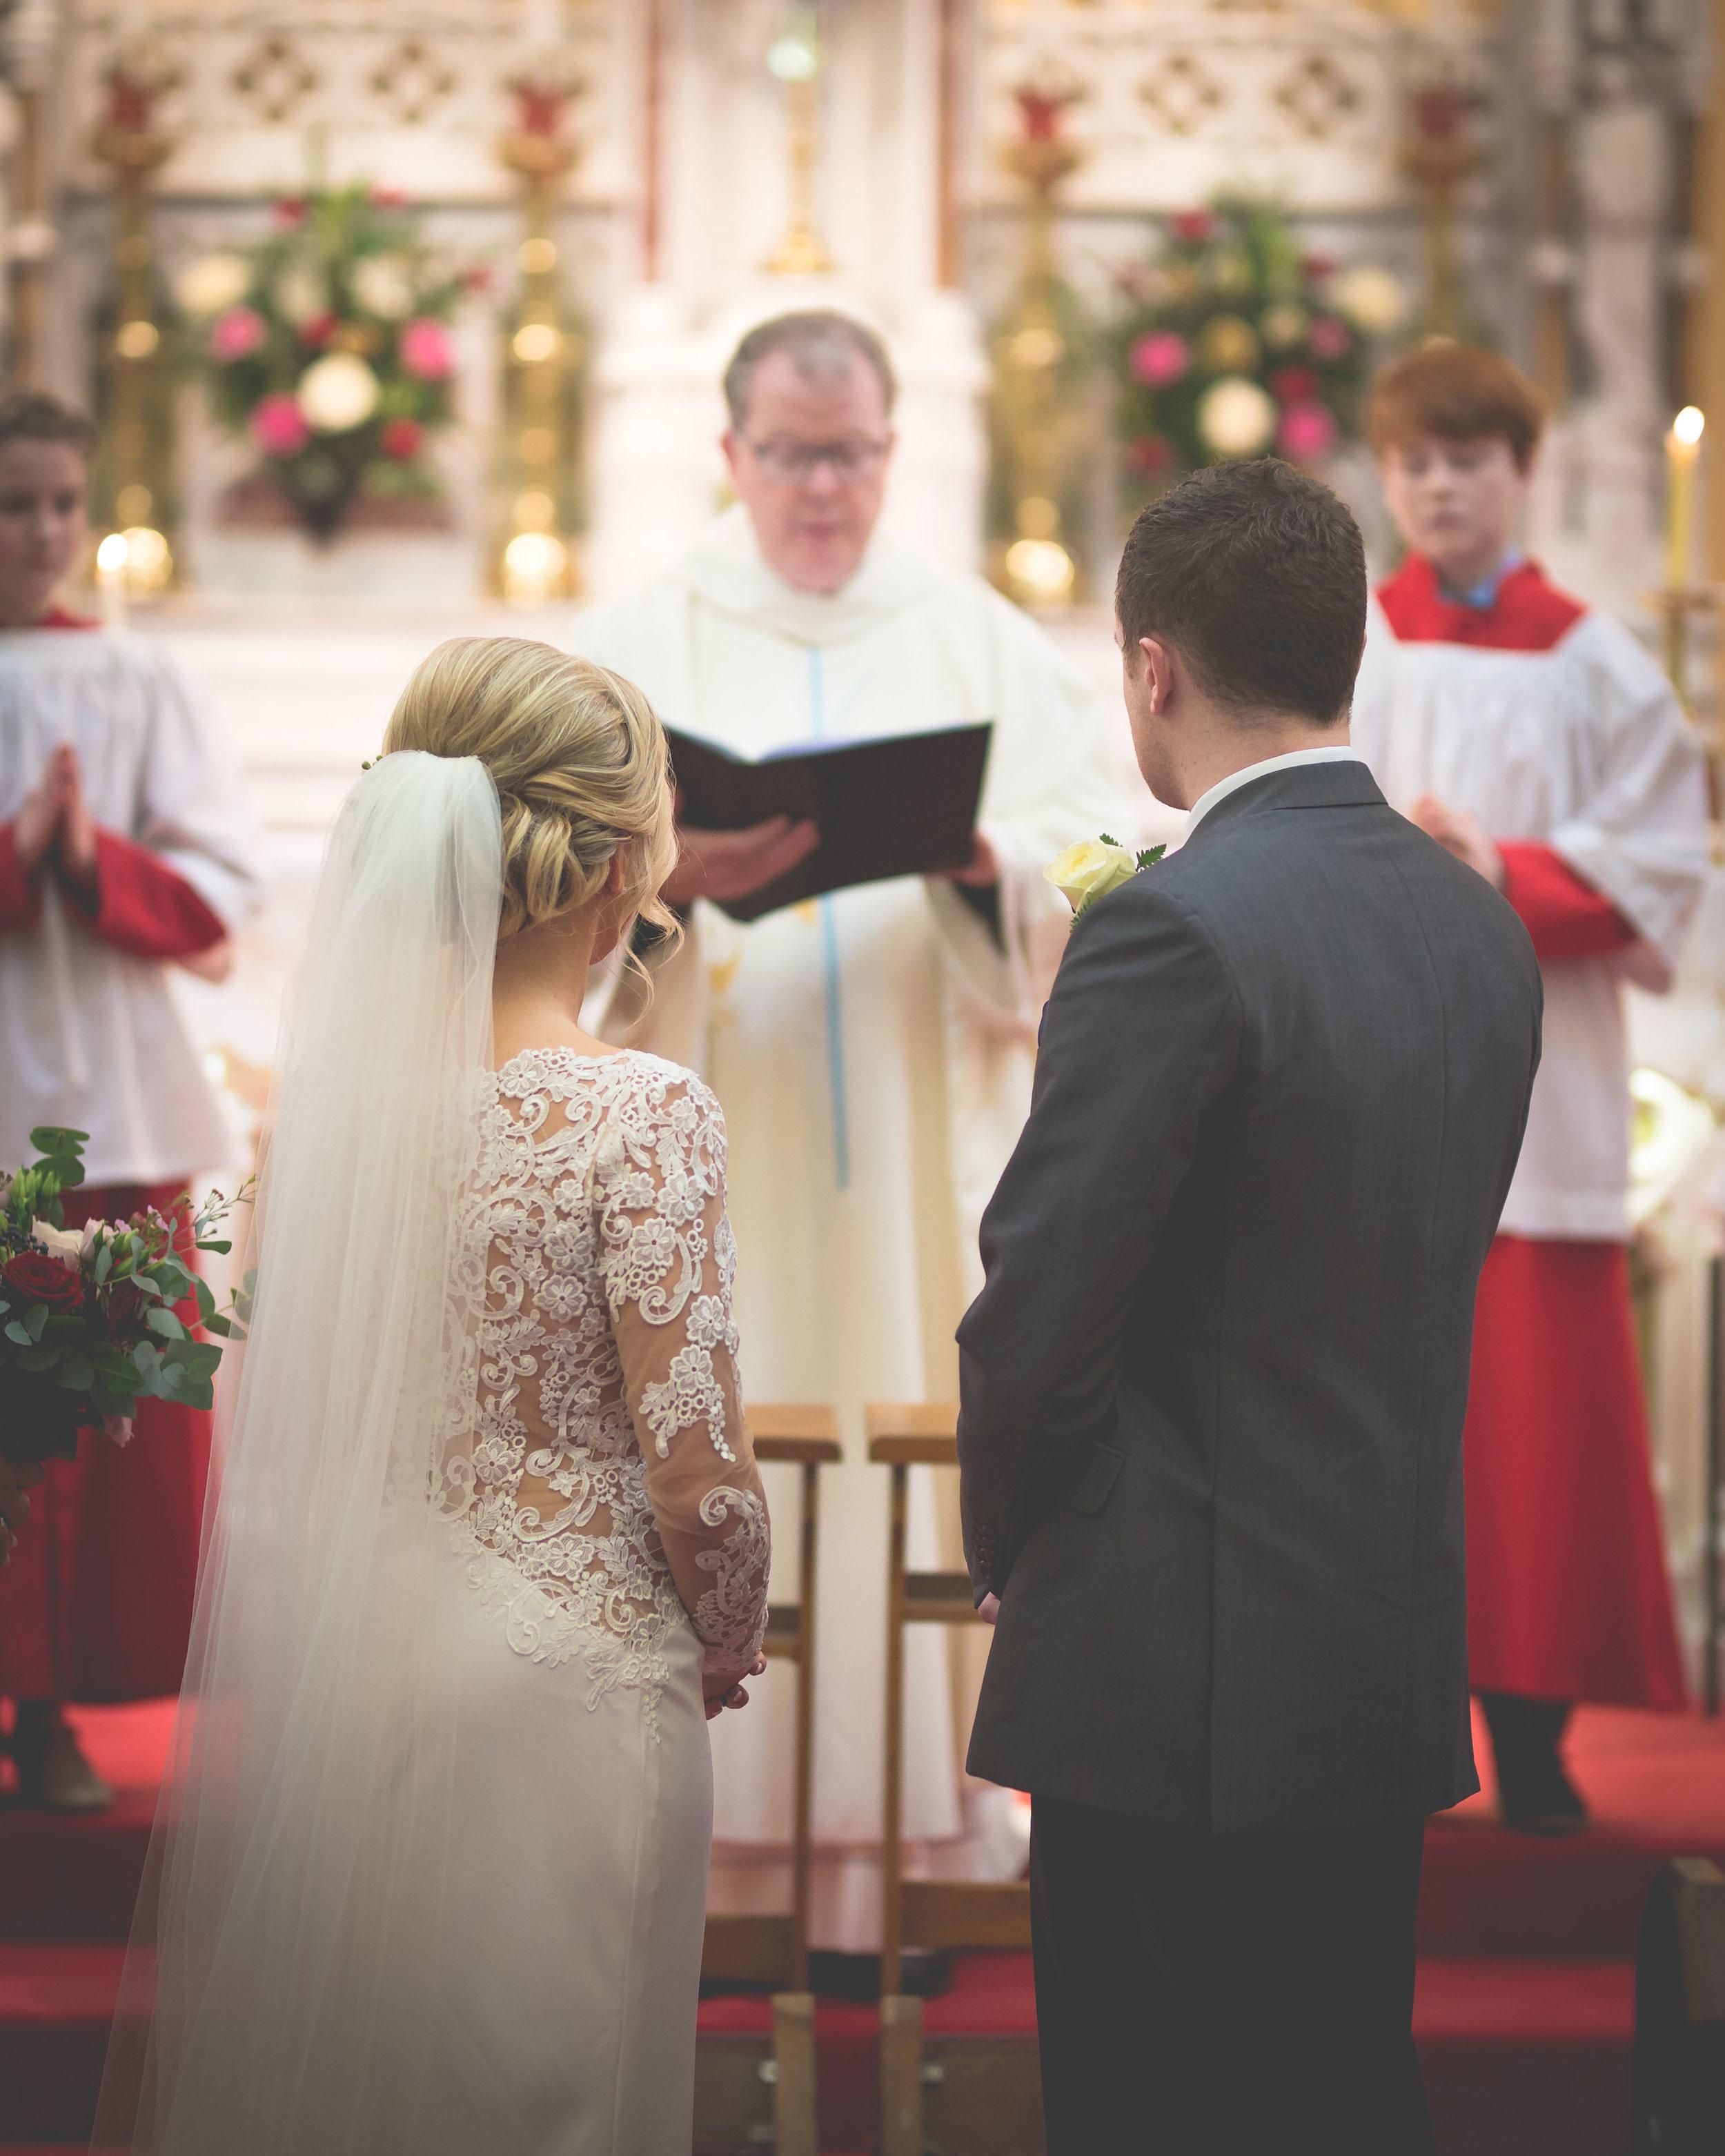 MaryJo_Conor_Mageean_Ceremony-59.jpg